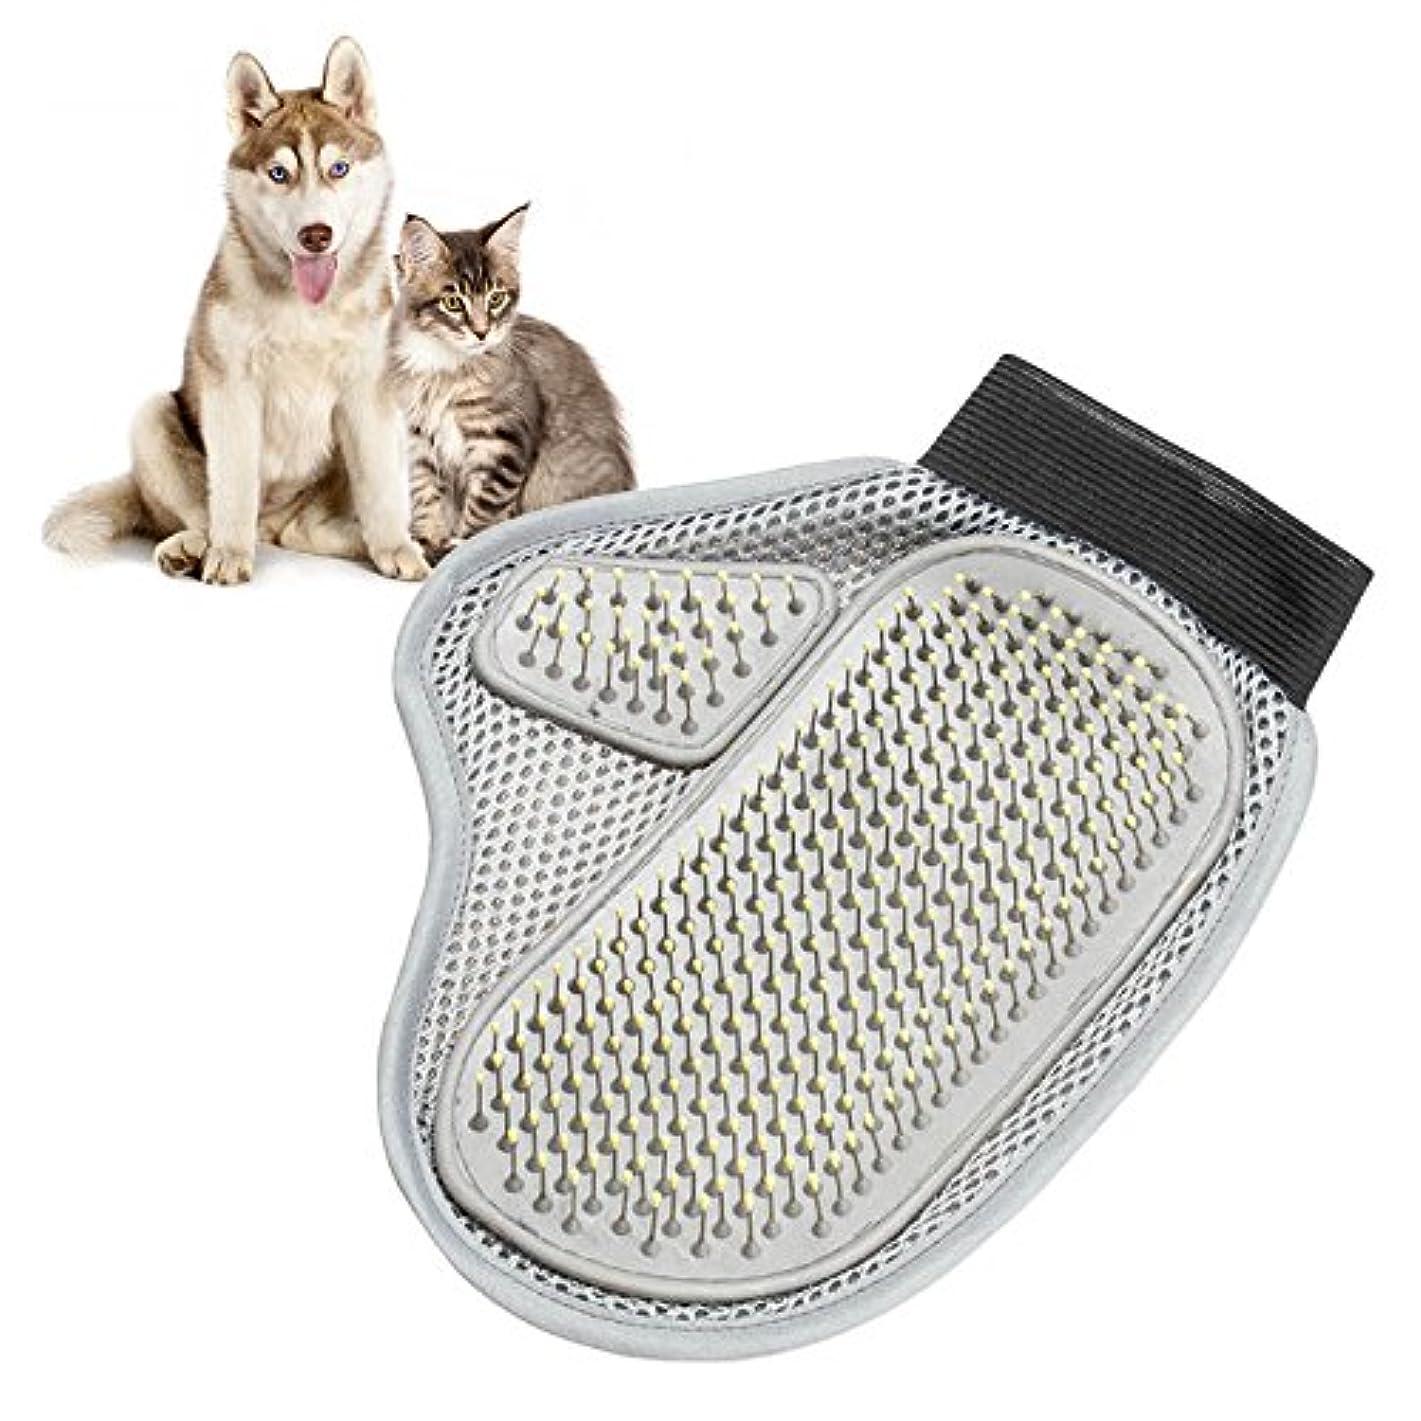 キャプテン救い落胆させるBTXXYJP ペット ブラシ 手袋 猫 ブラシ グローブ クリーナー 耐摩耗 抜け毛取り マッサージブラシ 犬 グローブ (Color : Gray, Size : M)